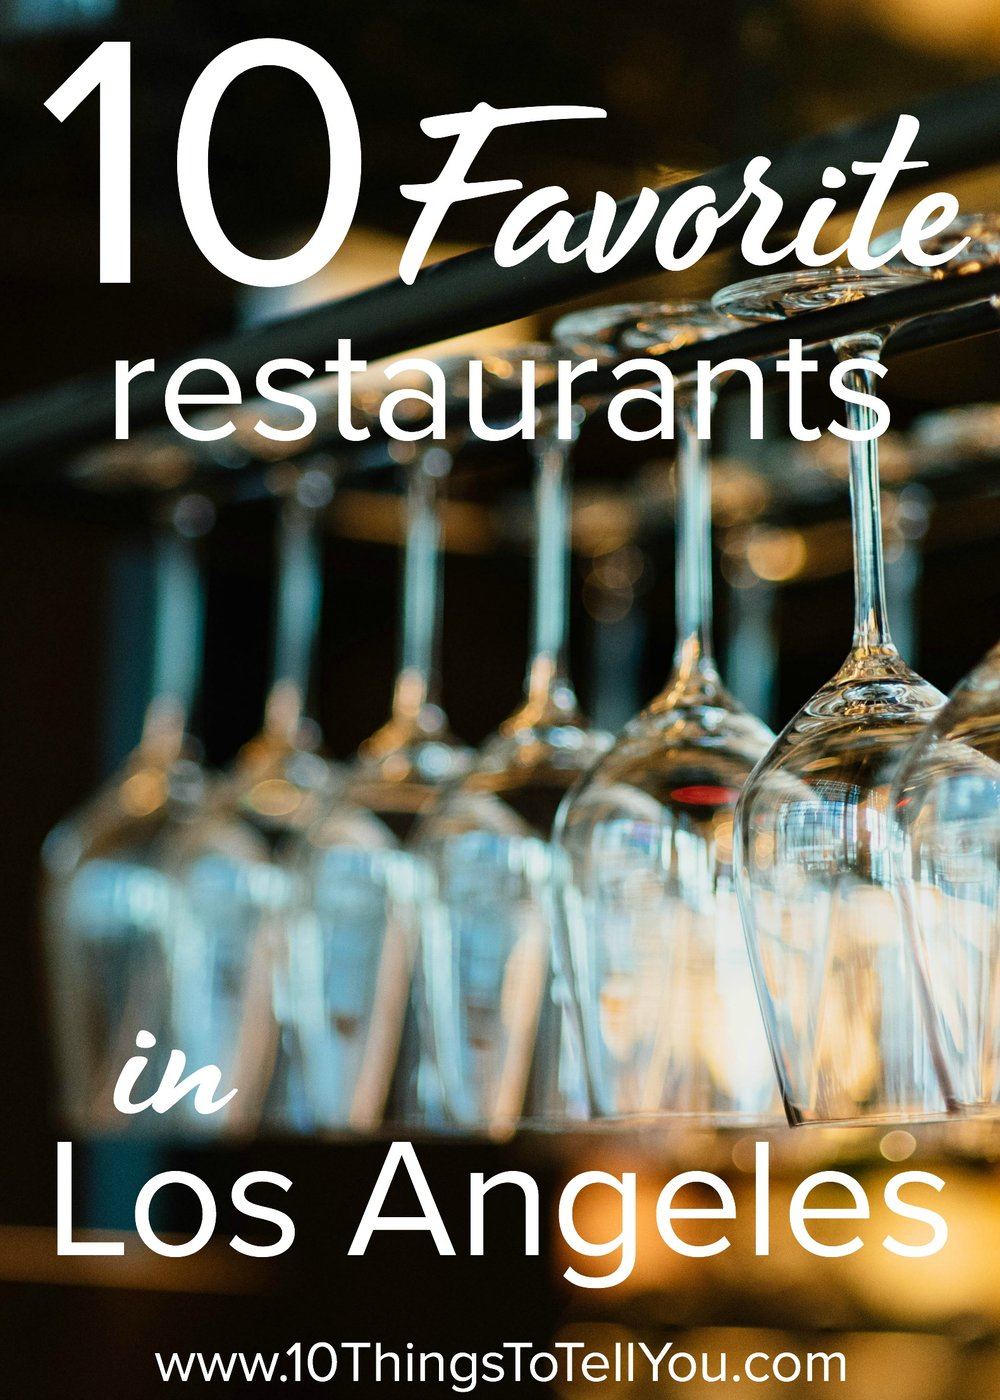 Favorite restaurants in Los Angeles